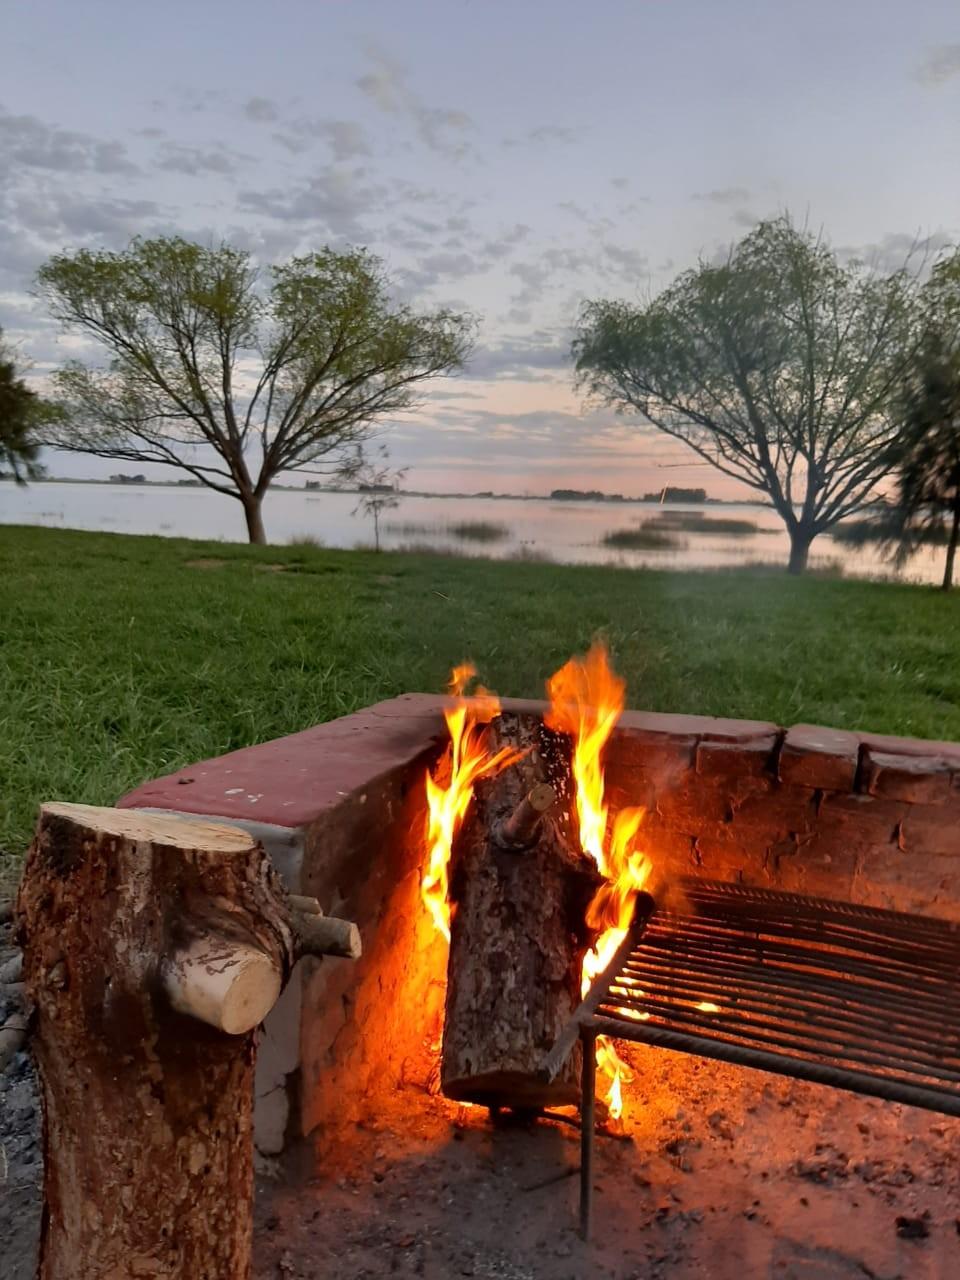 """Héctor Andrés Ahumada: """"A partir de alguien que dañó un árbol de la laguna encendiendo fuego en él, la agrupación Amigos de la Laguna inició una campaña de plantación espontánea de árboles en nuestro predio, algo que nos pareció perfecto"""""""